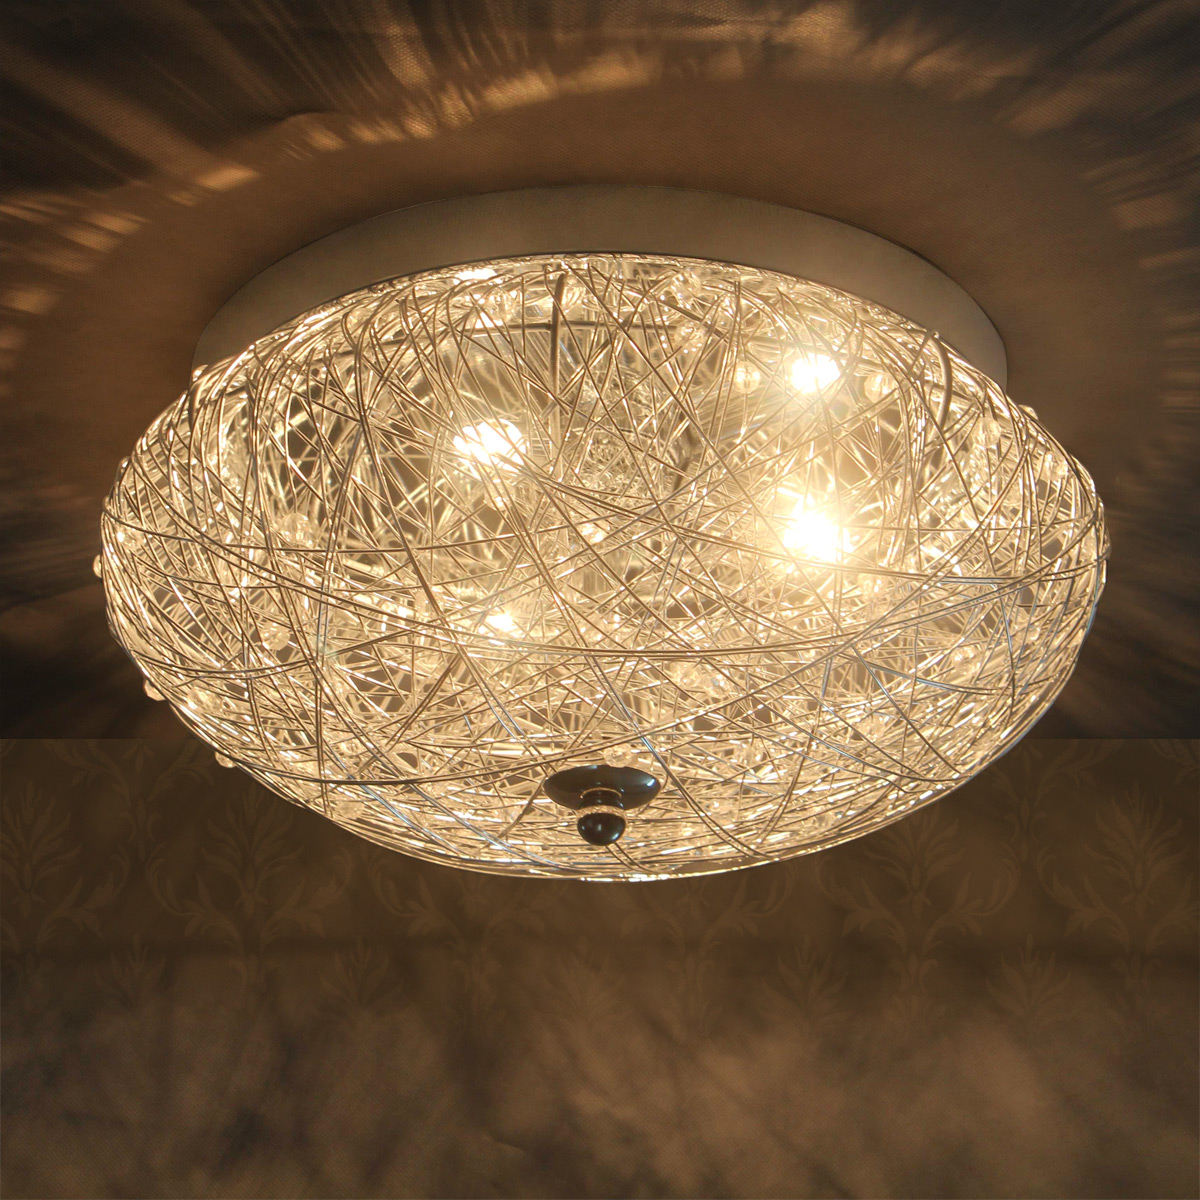 lux.pro® deckenleuchte deckenlampe lampe leuchte mesh kristall